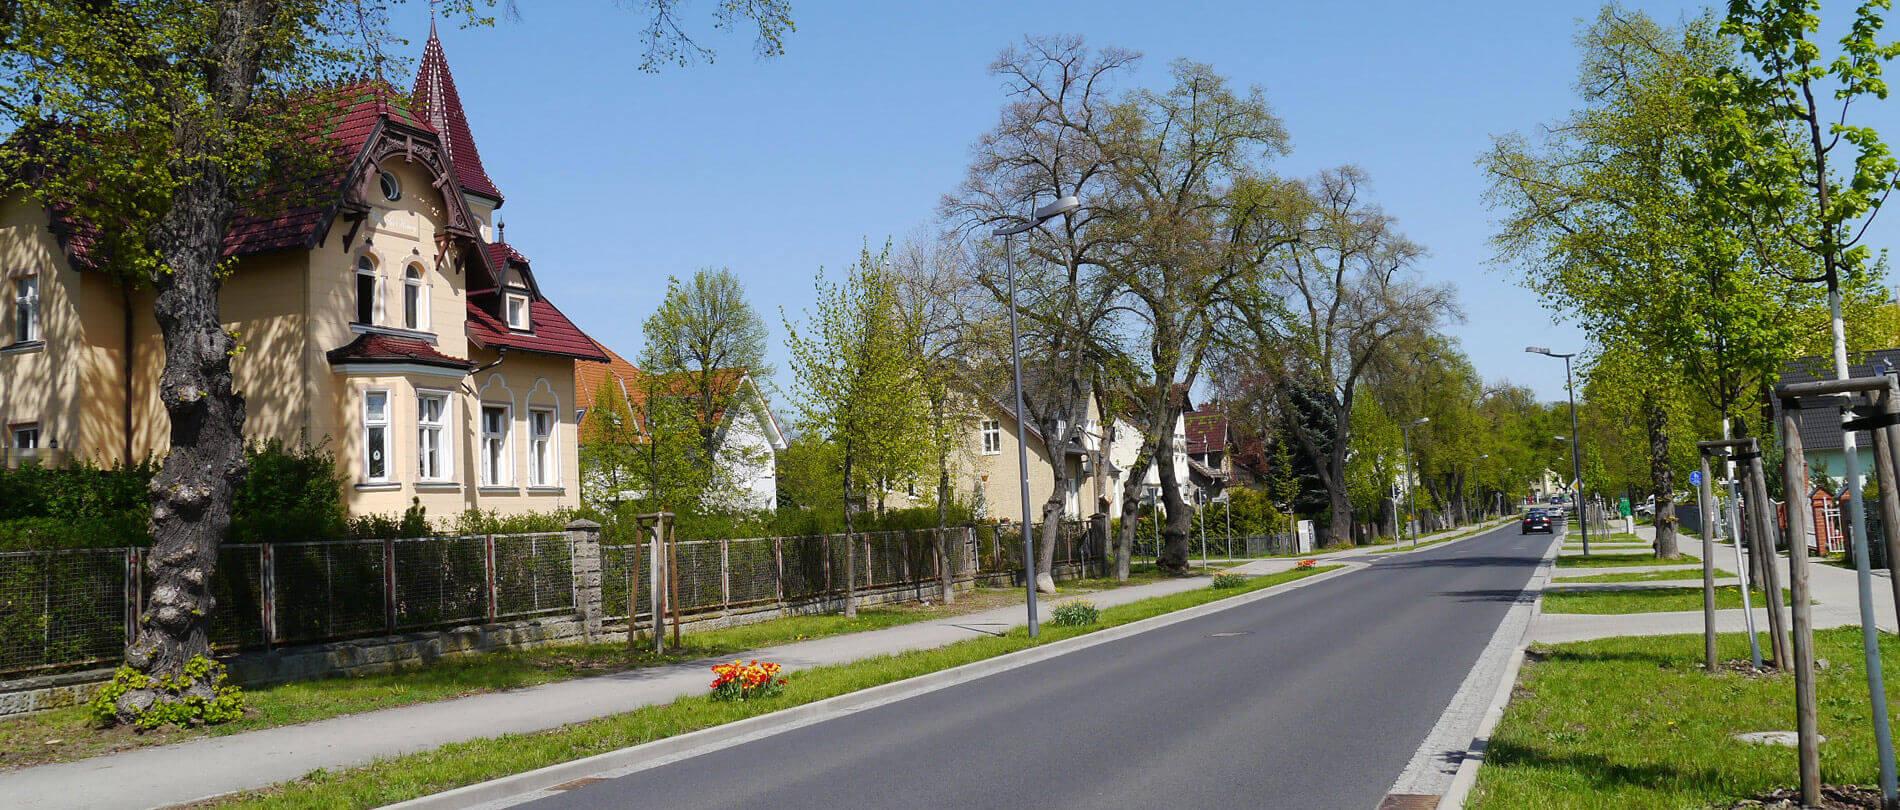 Straße mit Grünstreifen und verschiedenen Villen